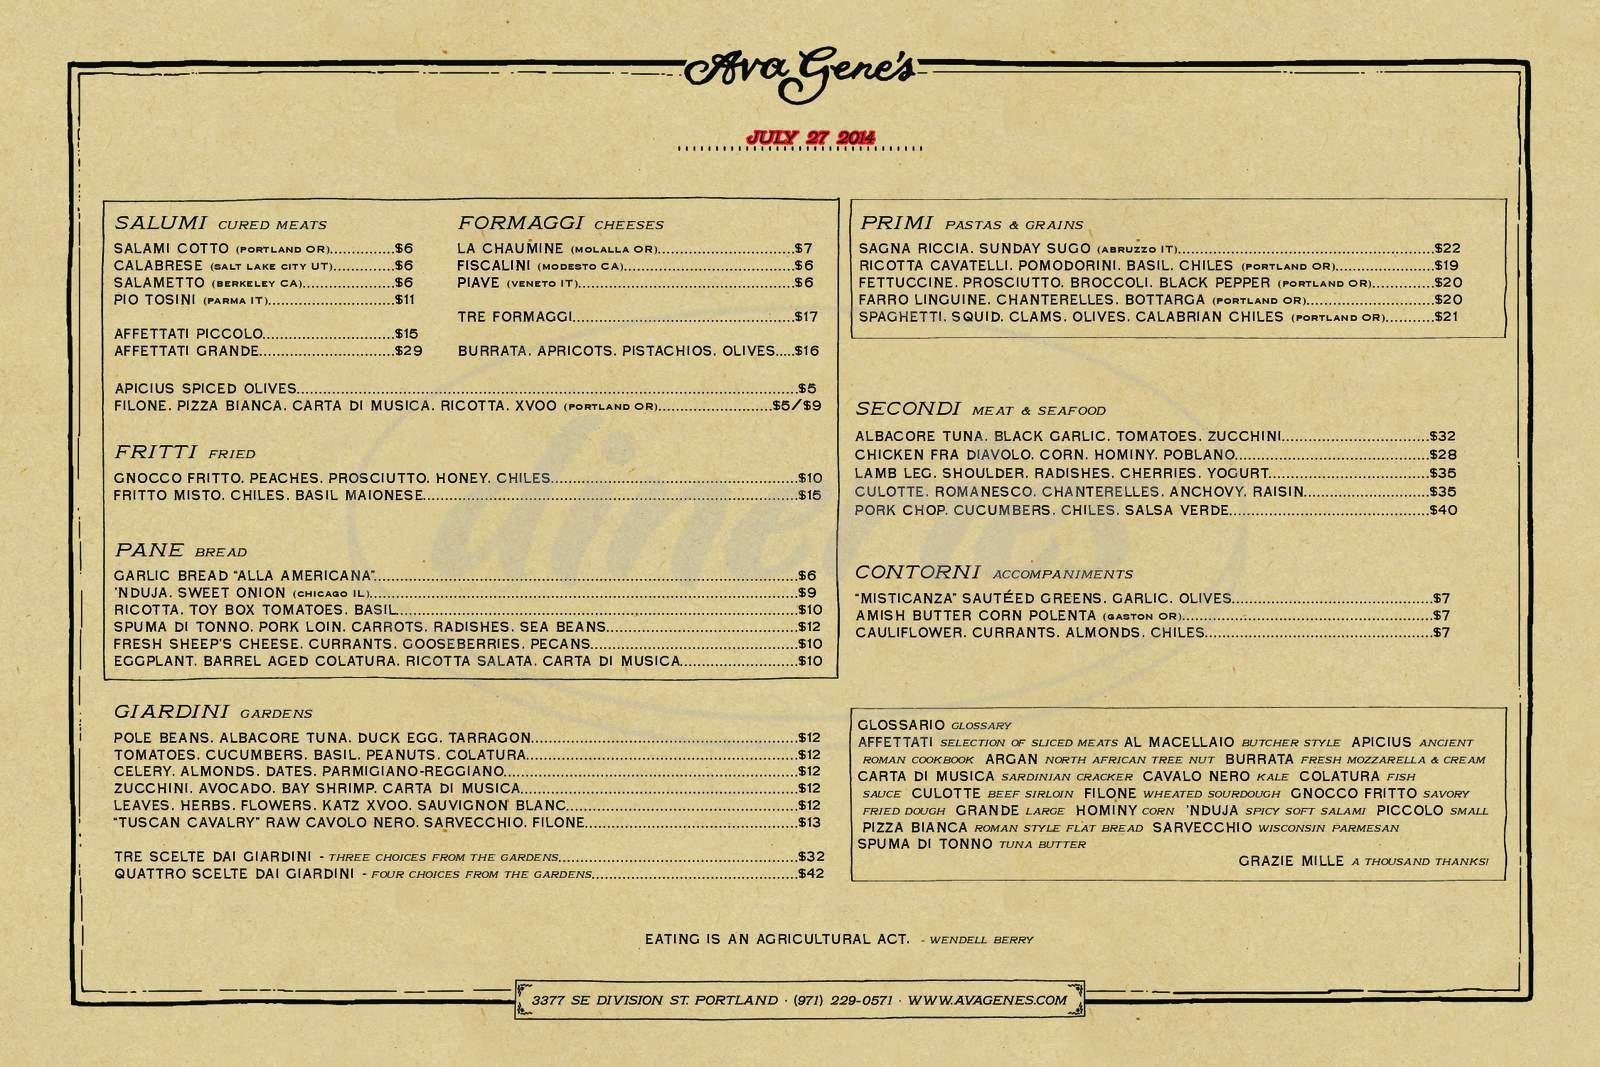 menu for Ava Gene's